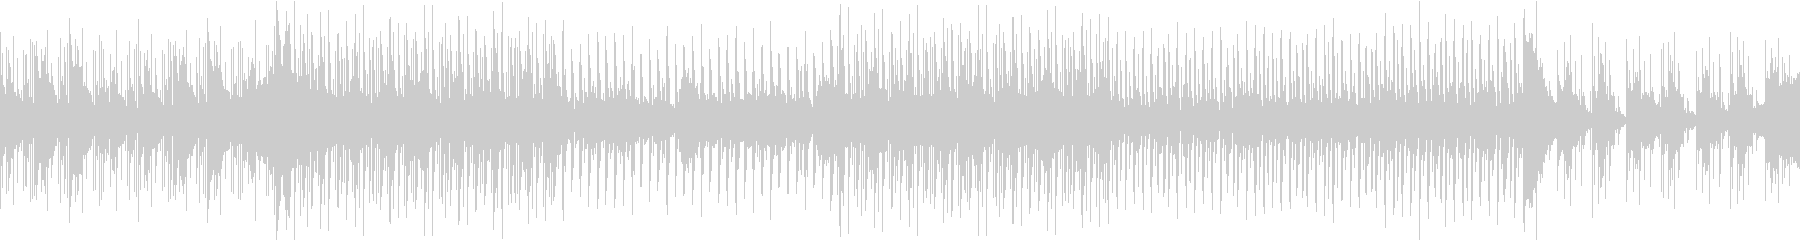 幻想的なシンセ・ハウス(ループ可能)の未再生の波形